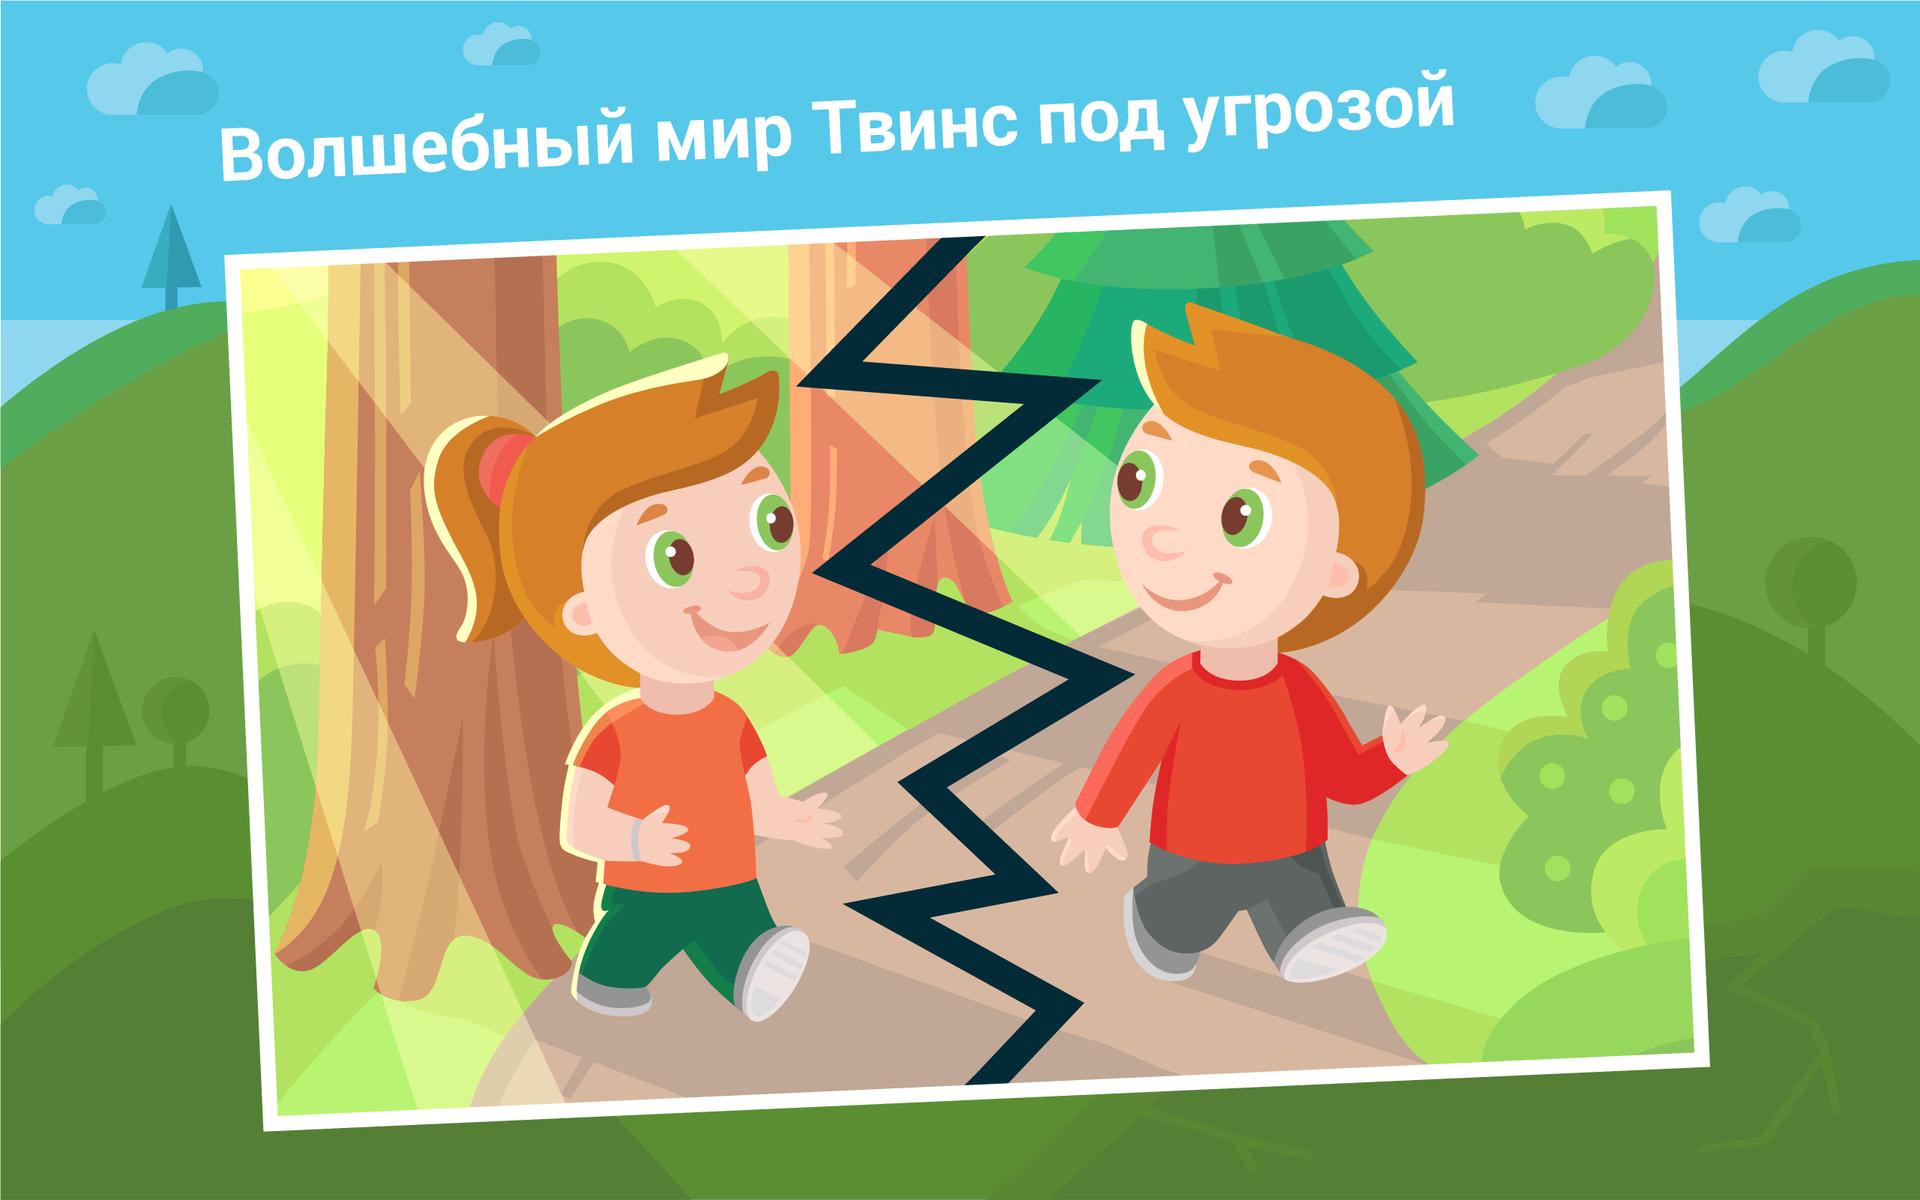 Twins Memory Game — клон очередной игры найди пару? Или все-таки что-то новенькое? Краткая история разработки игры - 2